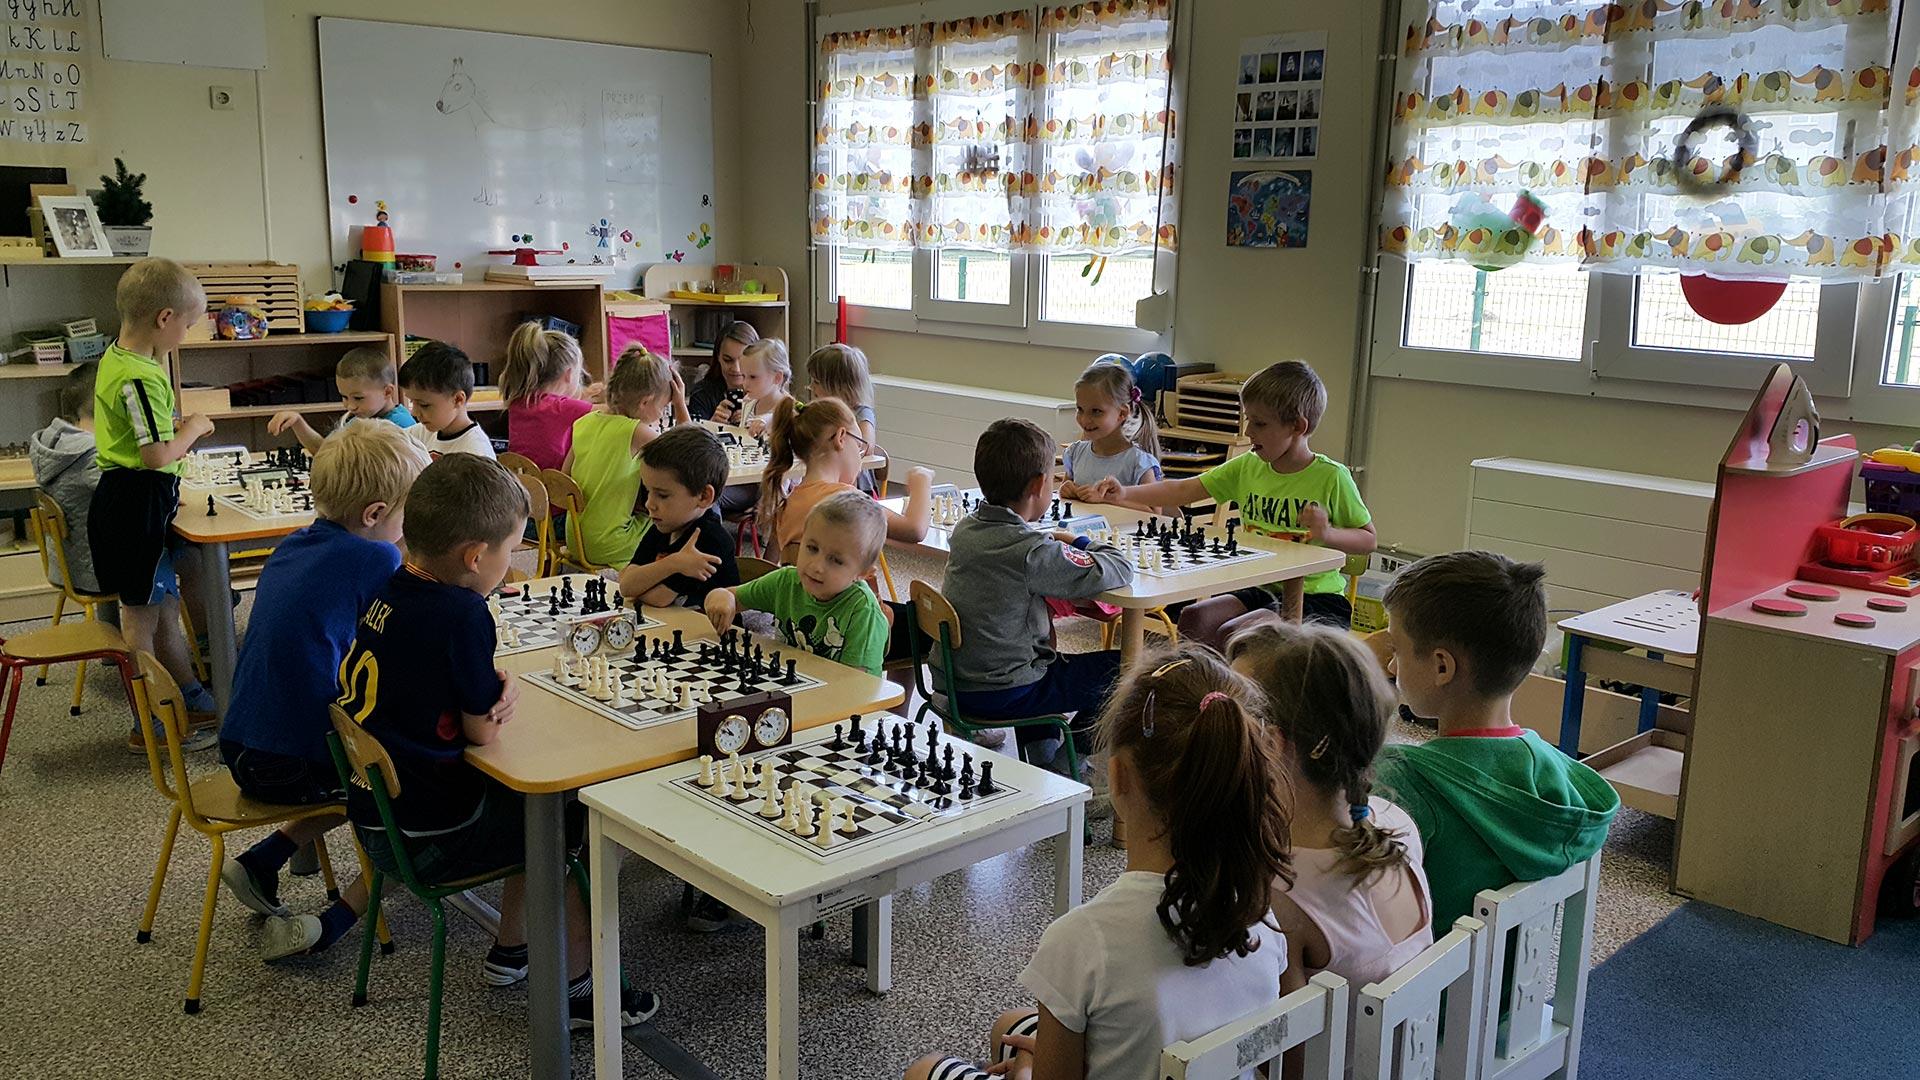 IV Szachowe Mistrzostwa Przedszkola Frajda, Świdnica, 08.06.2016